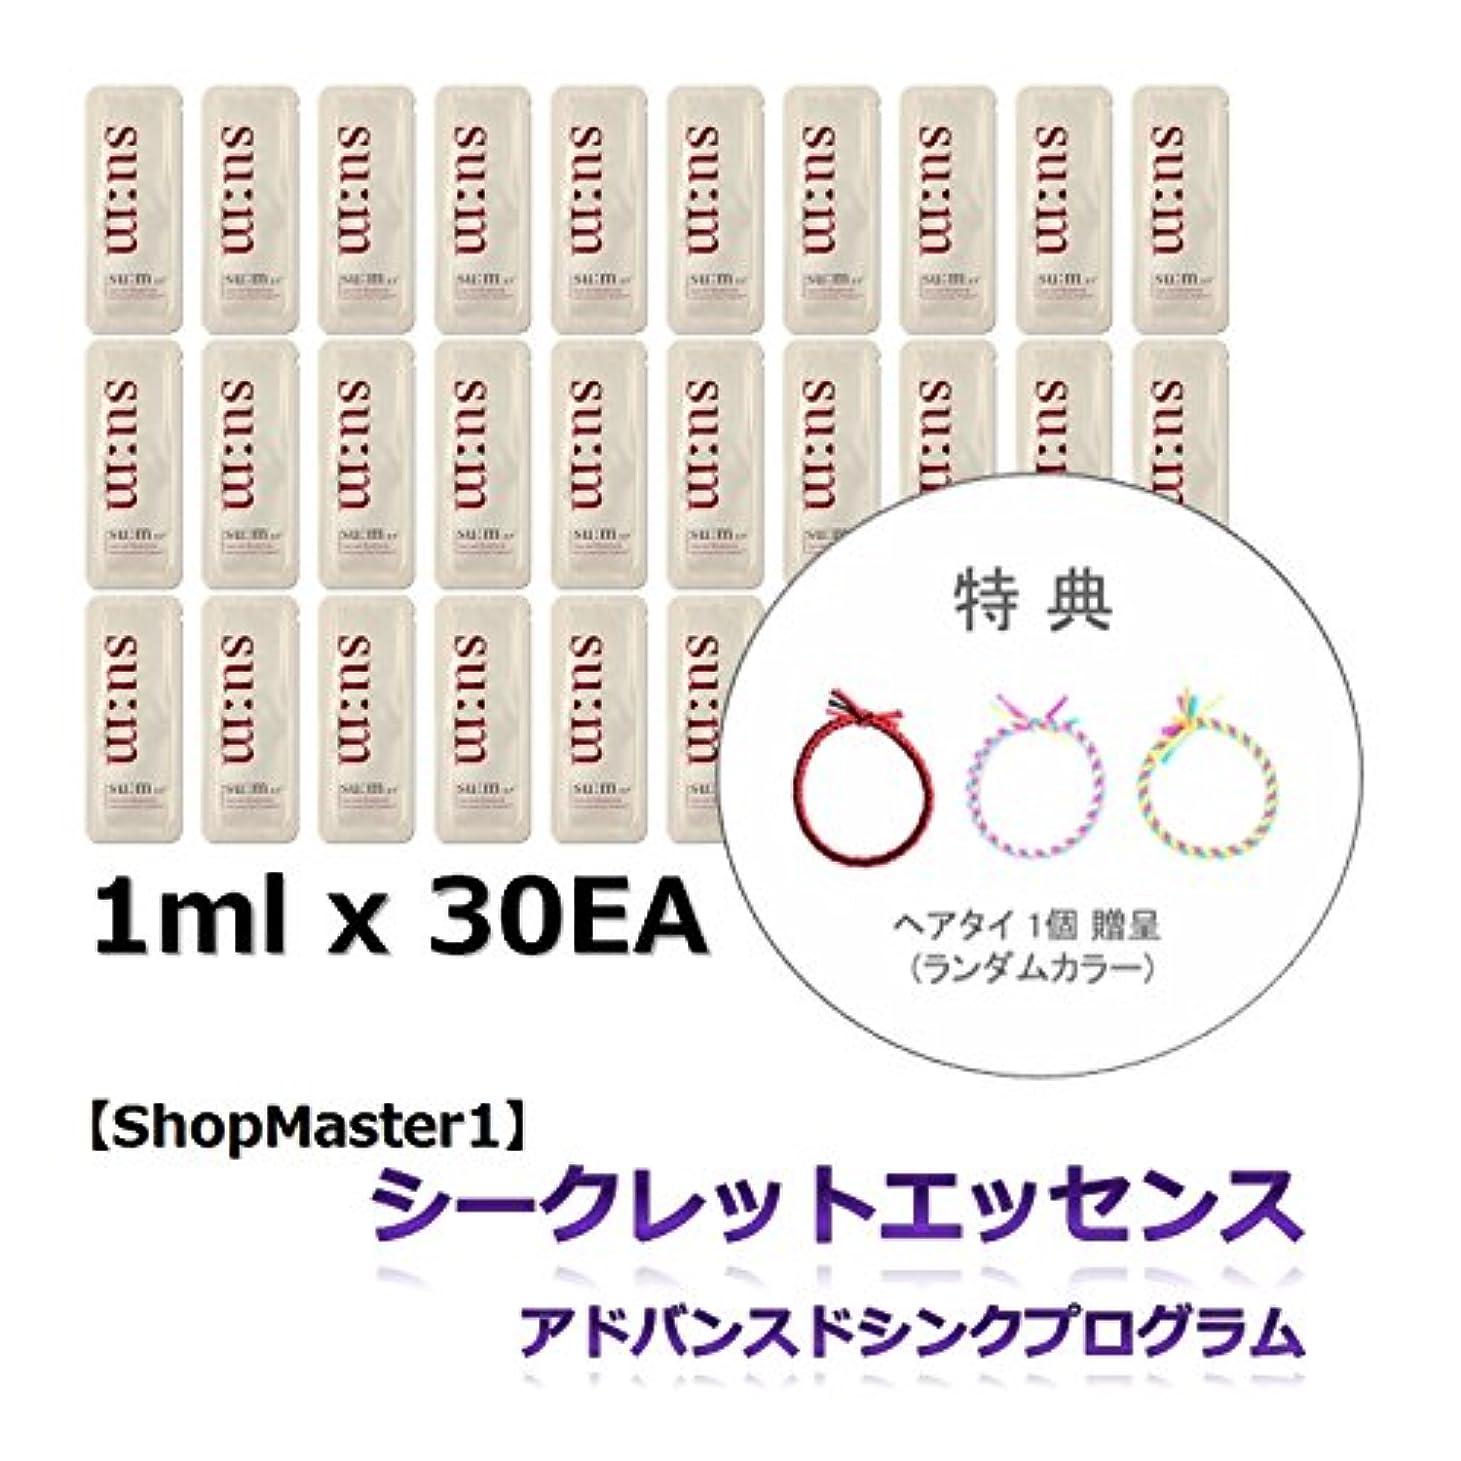 ゆるくファイル黒板【スム37° su:m37°】シークレットエッセンス 1ml x 30枚 / Secret Essence 1ml x 30EA / 特典 - ヘアタイ贈呈(ランダムカラー) [並行輸入品]